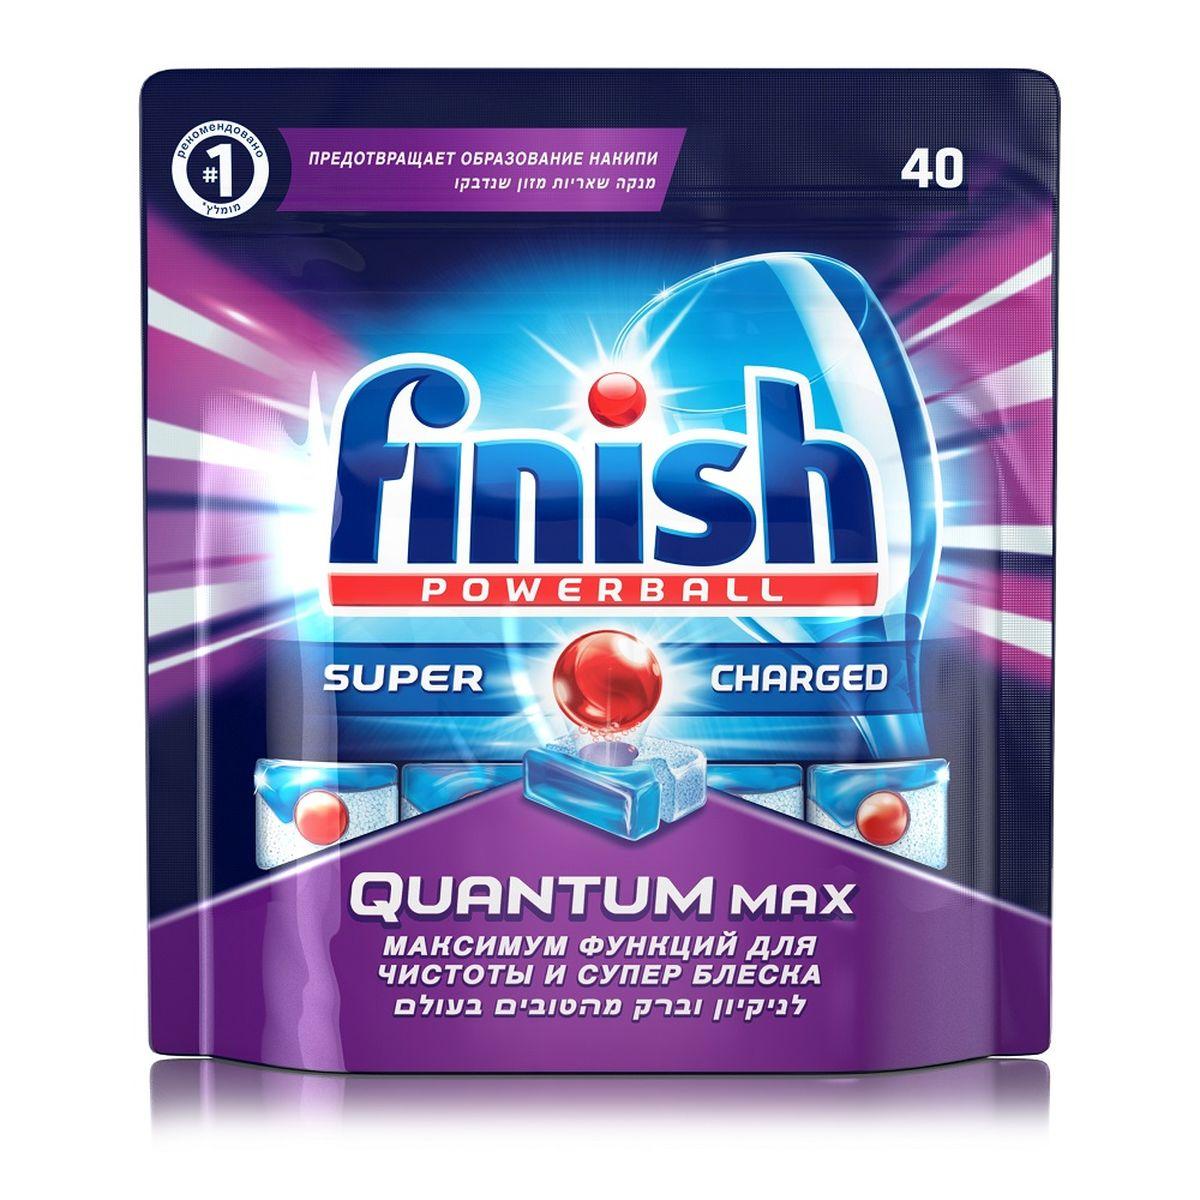 Finish Quantum Блеск и Защита, 40 таблеток269033Новый Finish Quantum Блеск и Защита - это удобные таблетки для посудомоечной машины, которые оказывают тройное действие против жира и грязи, а также придают исключительный блеск и защищают стеклянную посуду от коррозии. Товар сертифицирован.